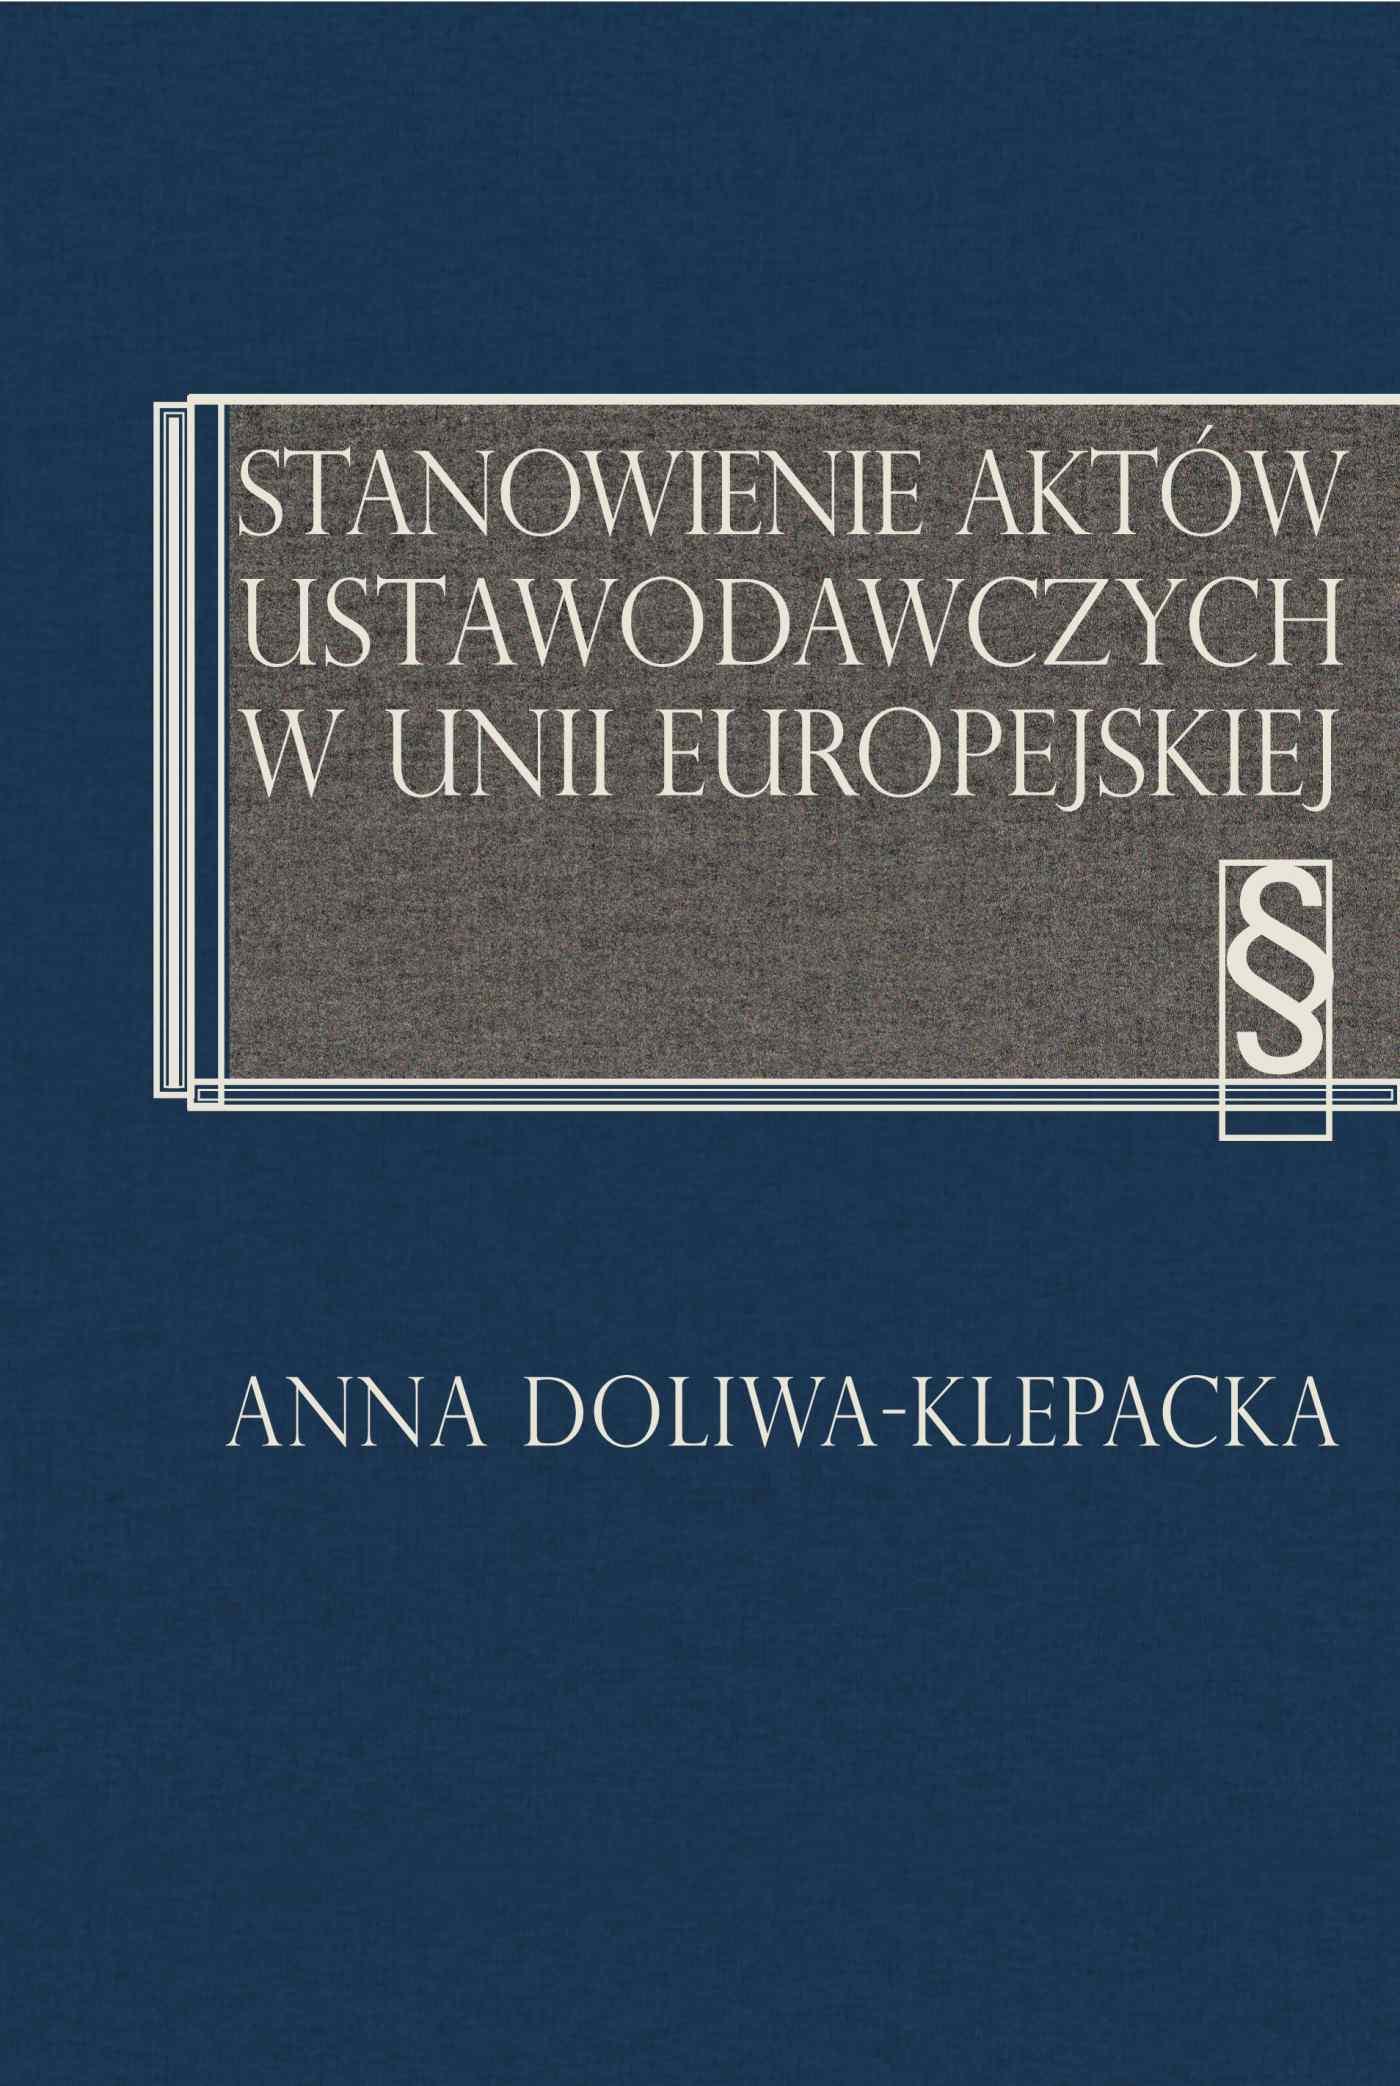 Stanowienie aktów ustawodawczych w Unii Europejskiej - Ebook (Książka PDF) do pobrania w formacie PDF